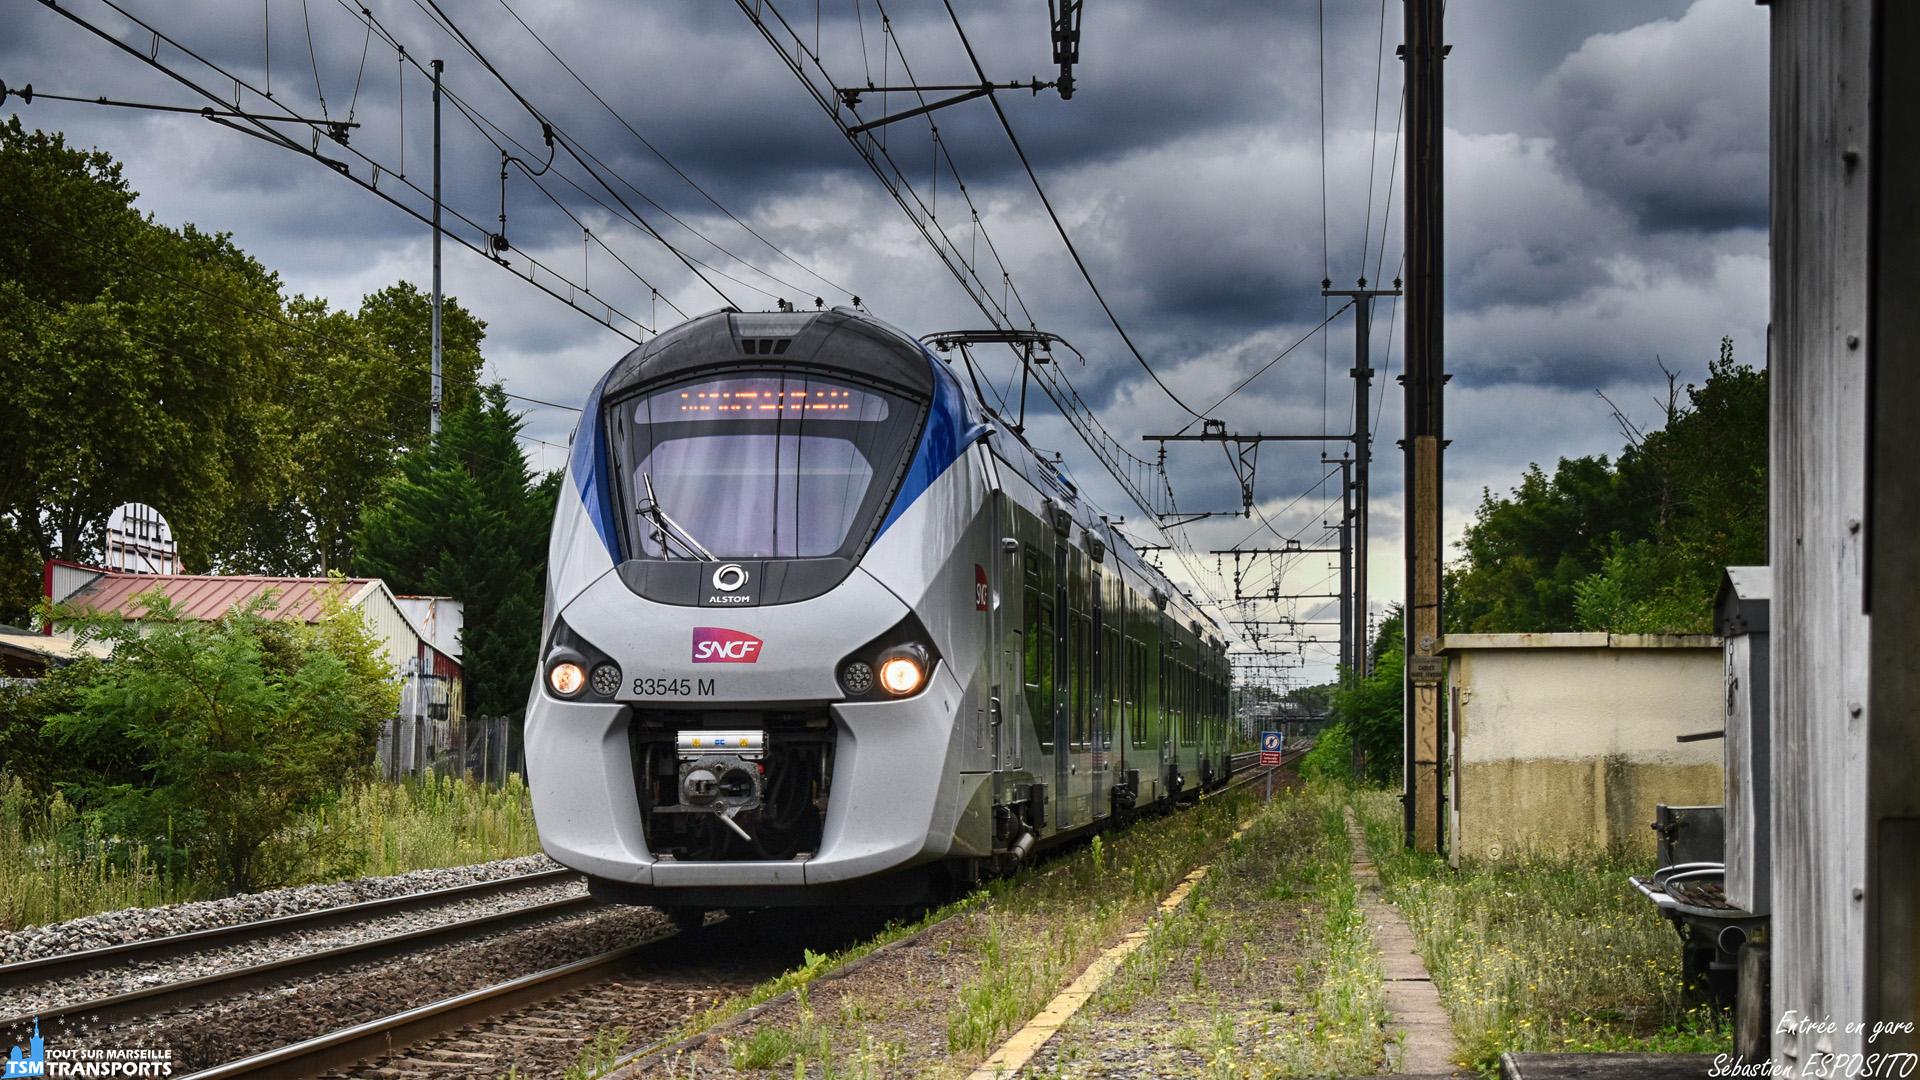 Gare de Lacourtensourt, 12:33, pas de Simone pour nous dire de nous éloigner de la bordure du quai, car nous sommes dans un point d'arrêt non géré, cependant je m'étais déjà écarté dès que j'ai aperçu au bout de la ligne droite, ce regiolis qui aura pour terminus Montauban. . ℹ️ Alstom Regiolis Bimode B83500 (B83545M). . 📍 Gare de Lacourtensourt, Avenue des États Unis, 31200 Toulouse. . ↔️ TER 871616 : Toulouse Matabiau - Montauban Ville bourbon. . 📸 Nikon D5600. . 📷 Nikkor 18-55mm. . 📅 9 Août 2018 à 12:33. . 👨 Sébastien ESPOSITO.